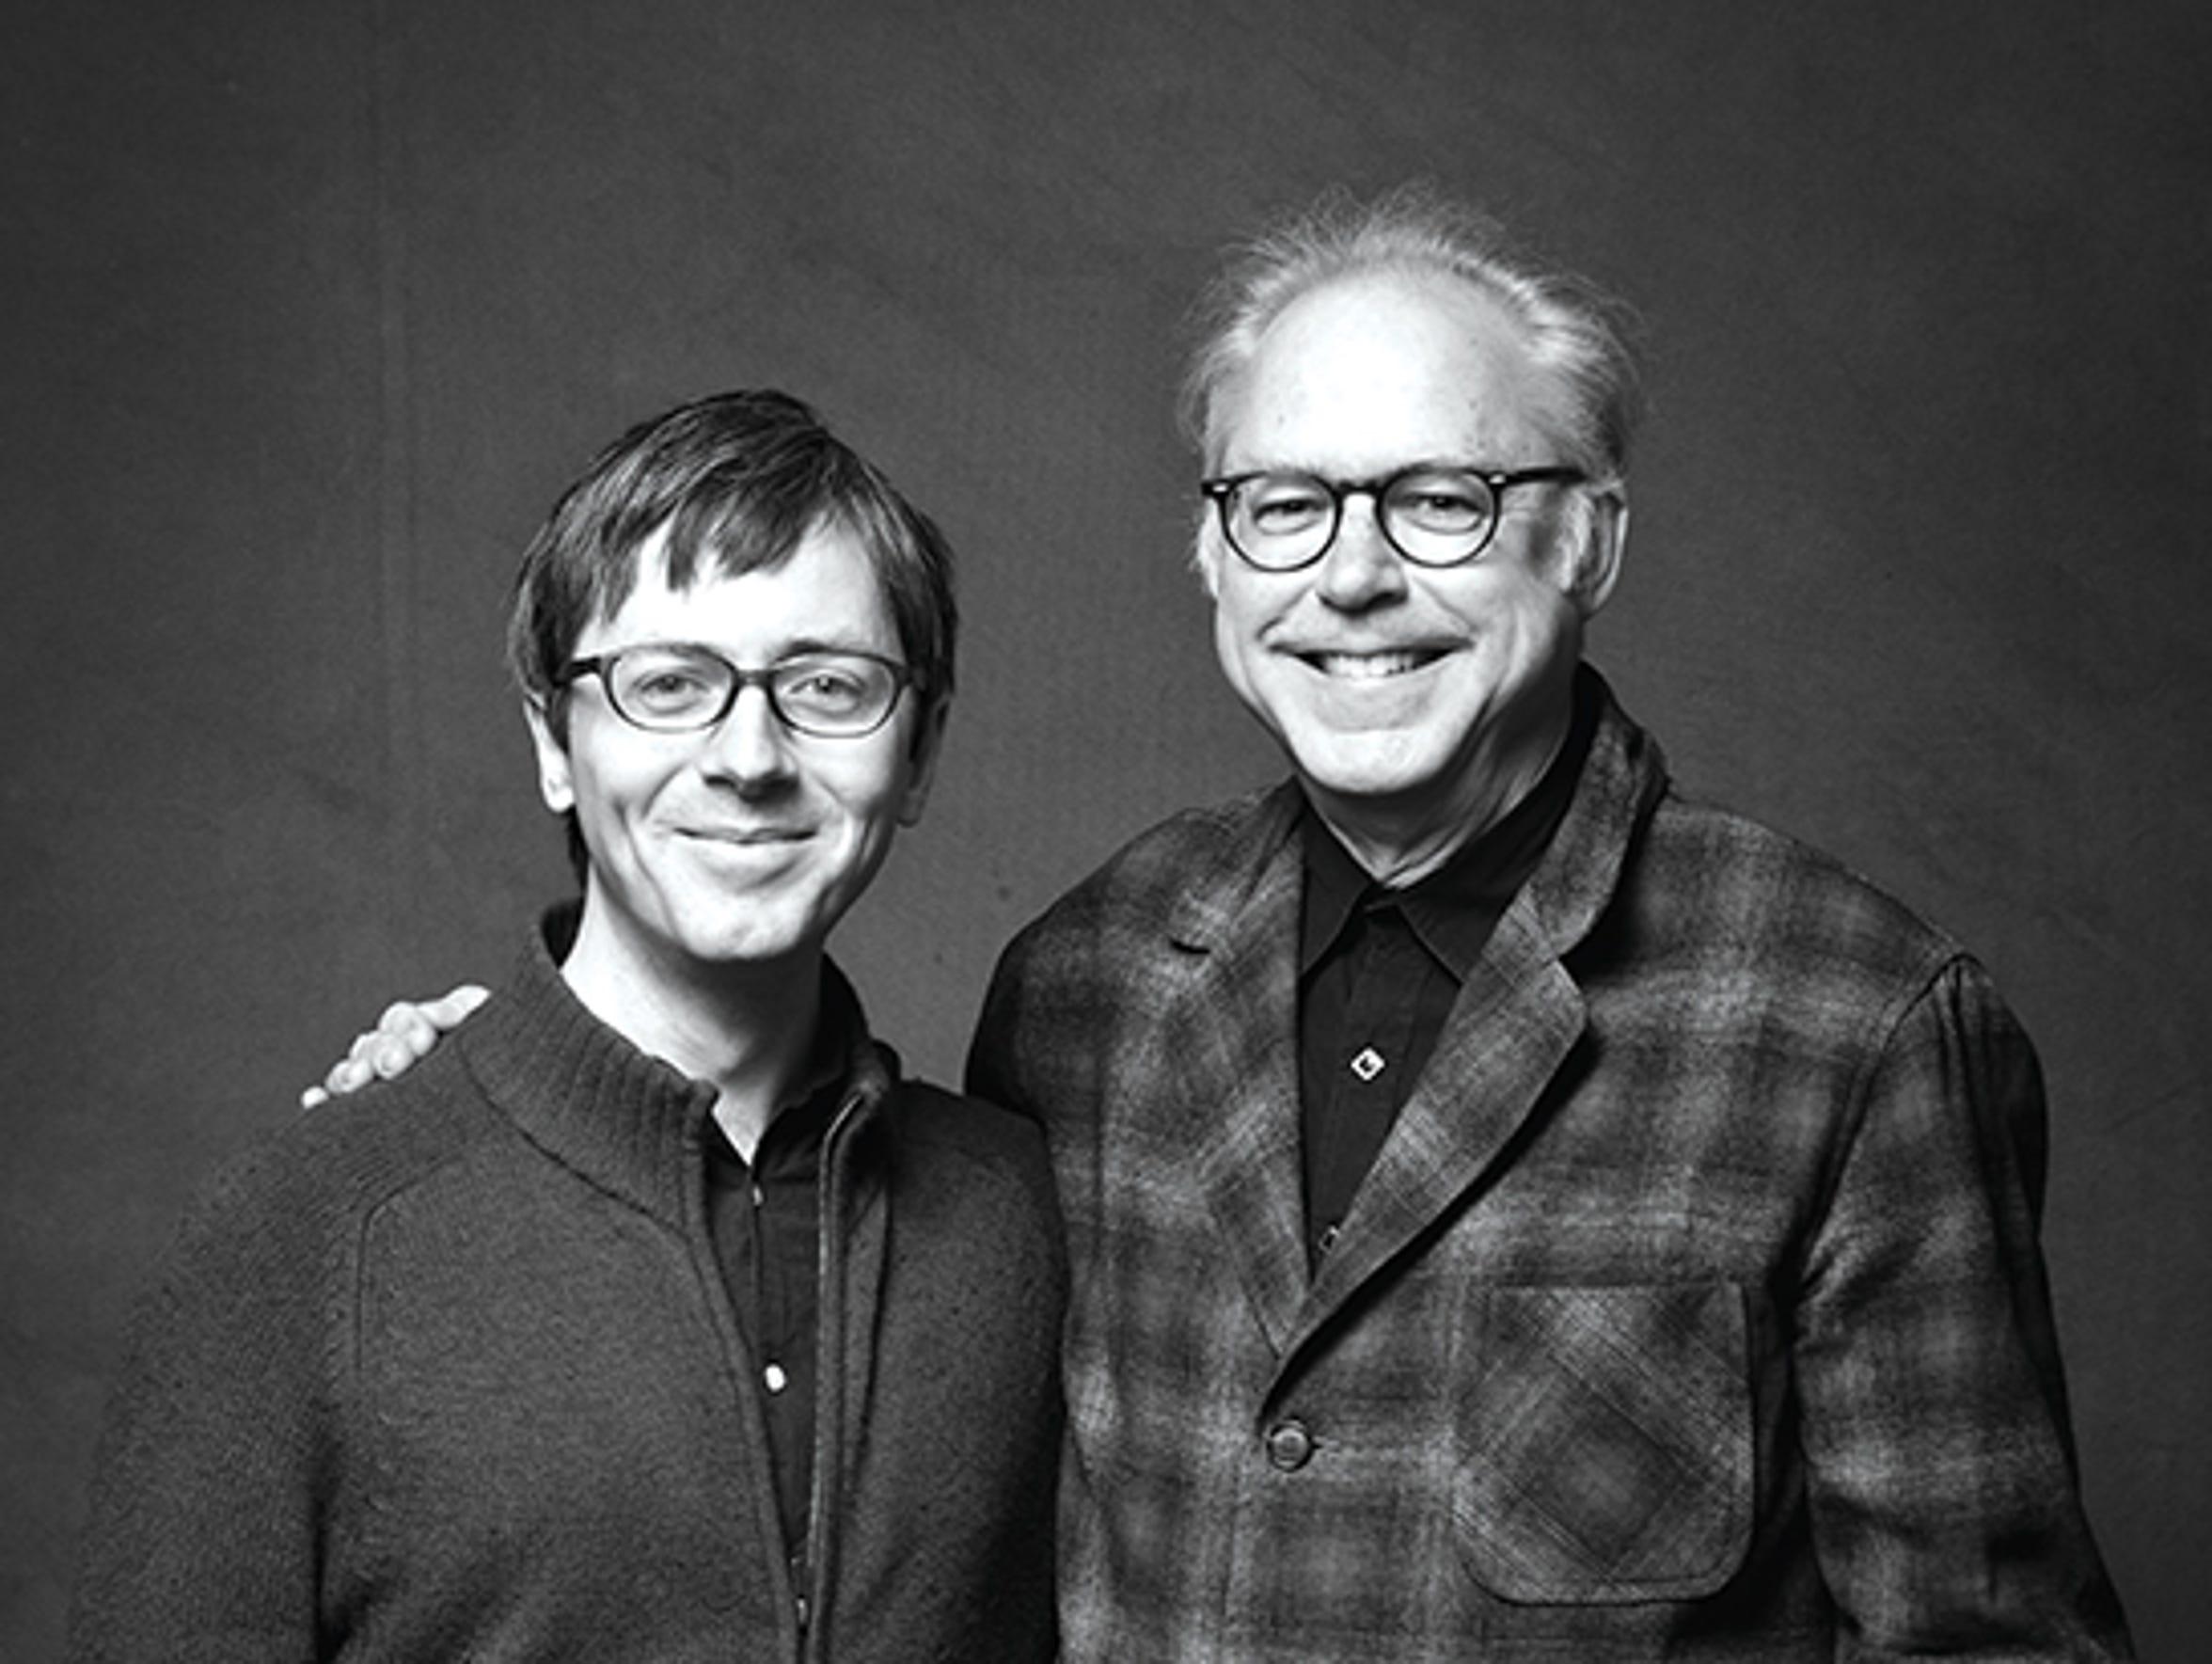 Bill Frisell & Thoman Morgan